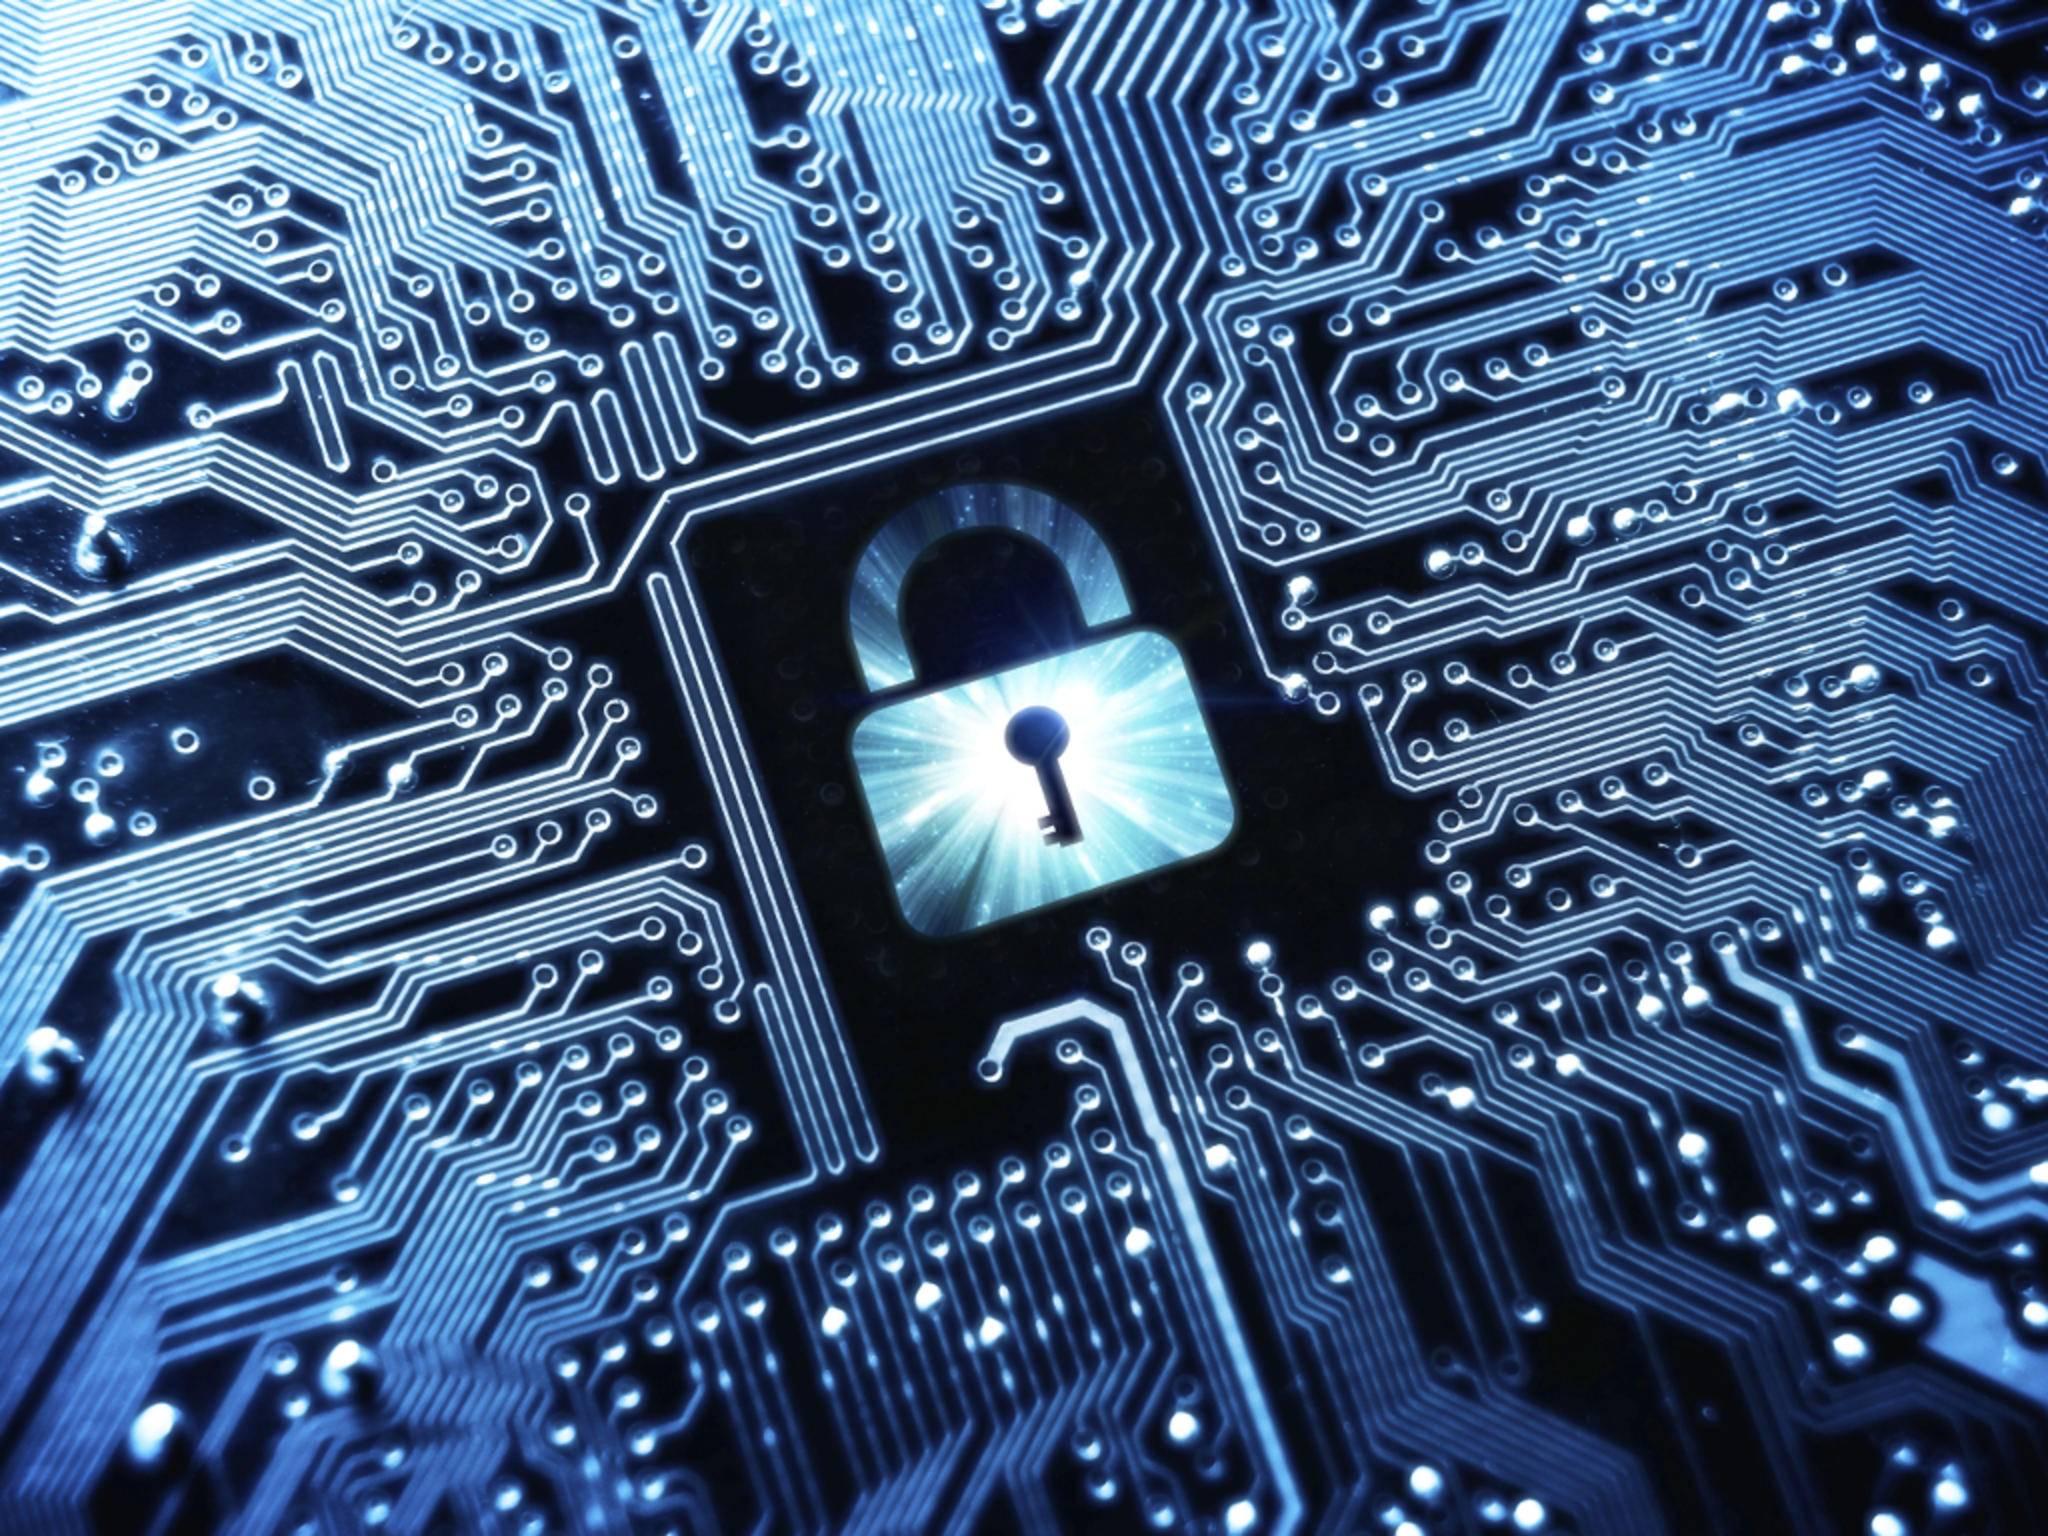 Gegen Ad- und Malware helfen neben Antivirenprogrammen und spezielle Tools.